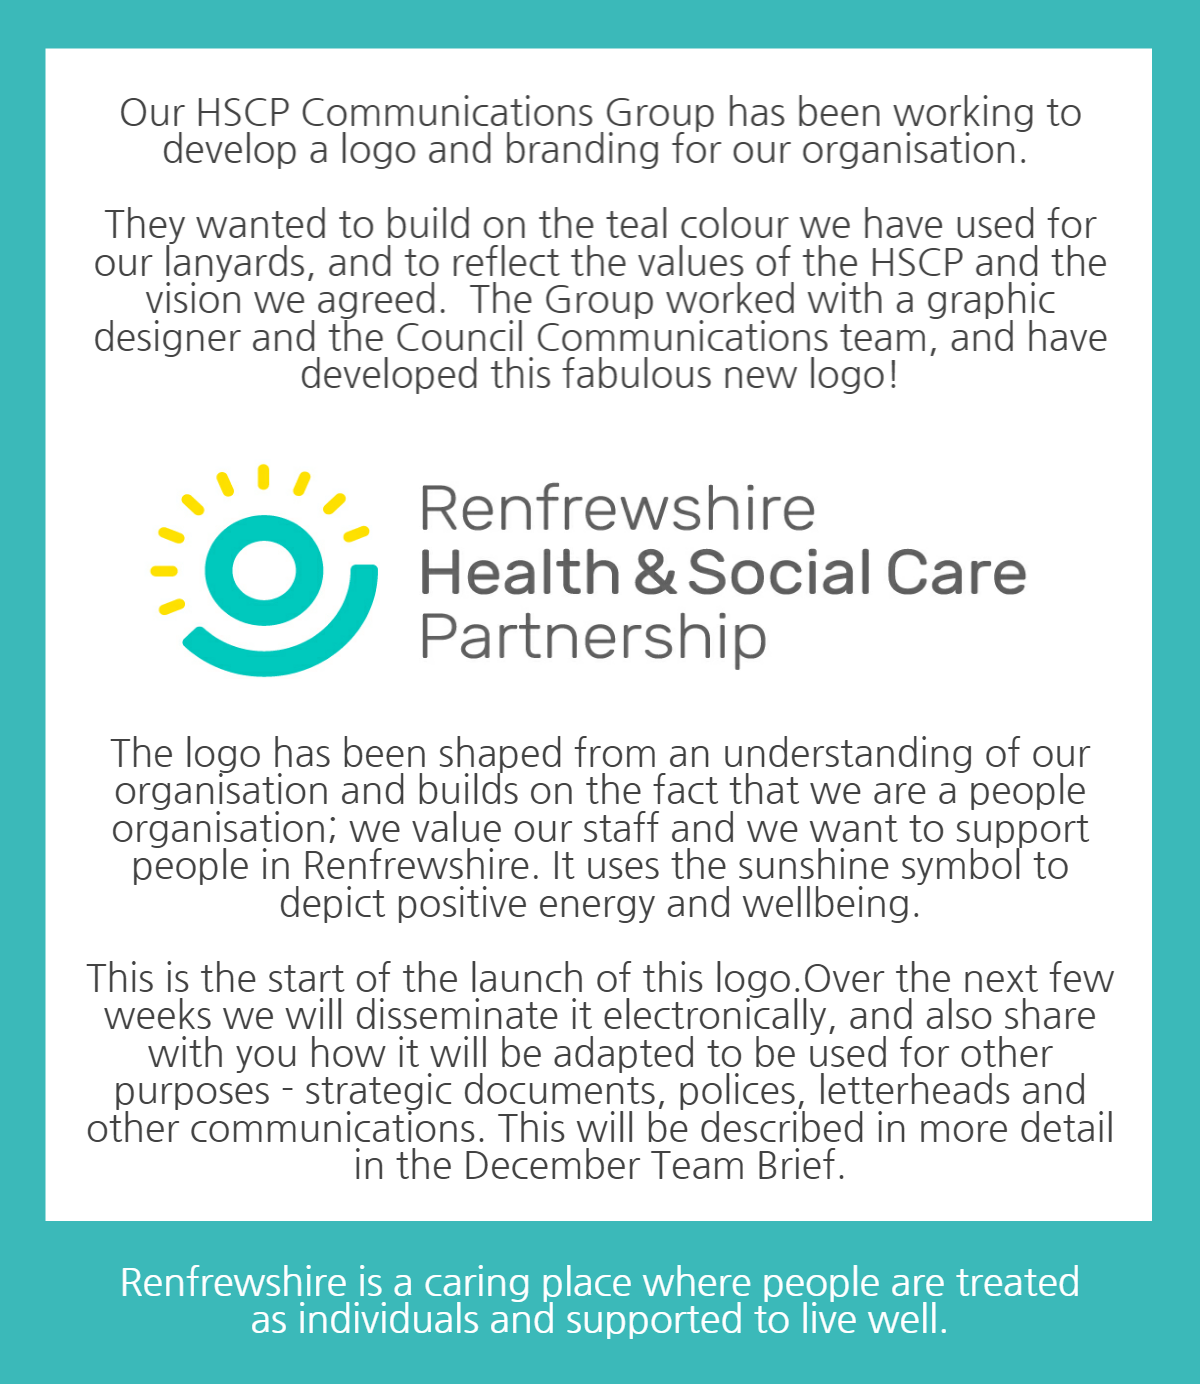 Renfrewshire HSCP